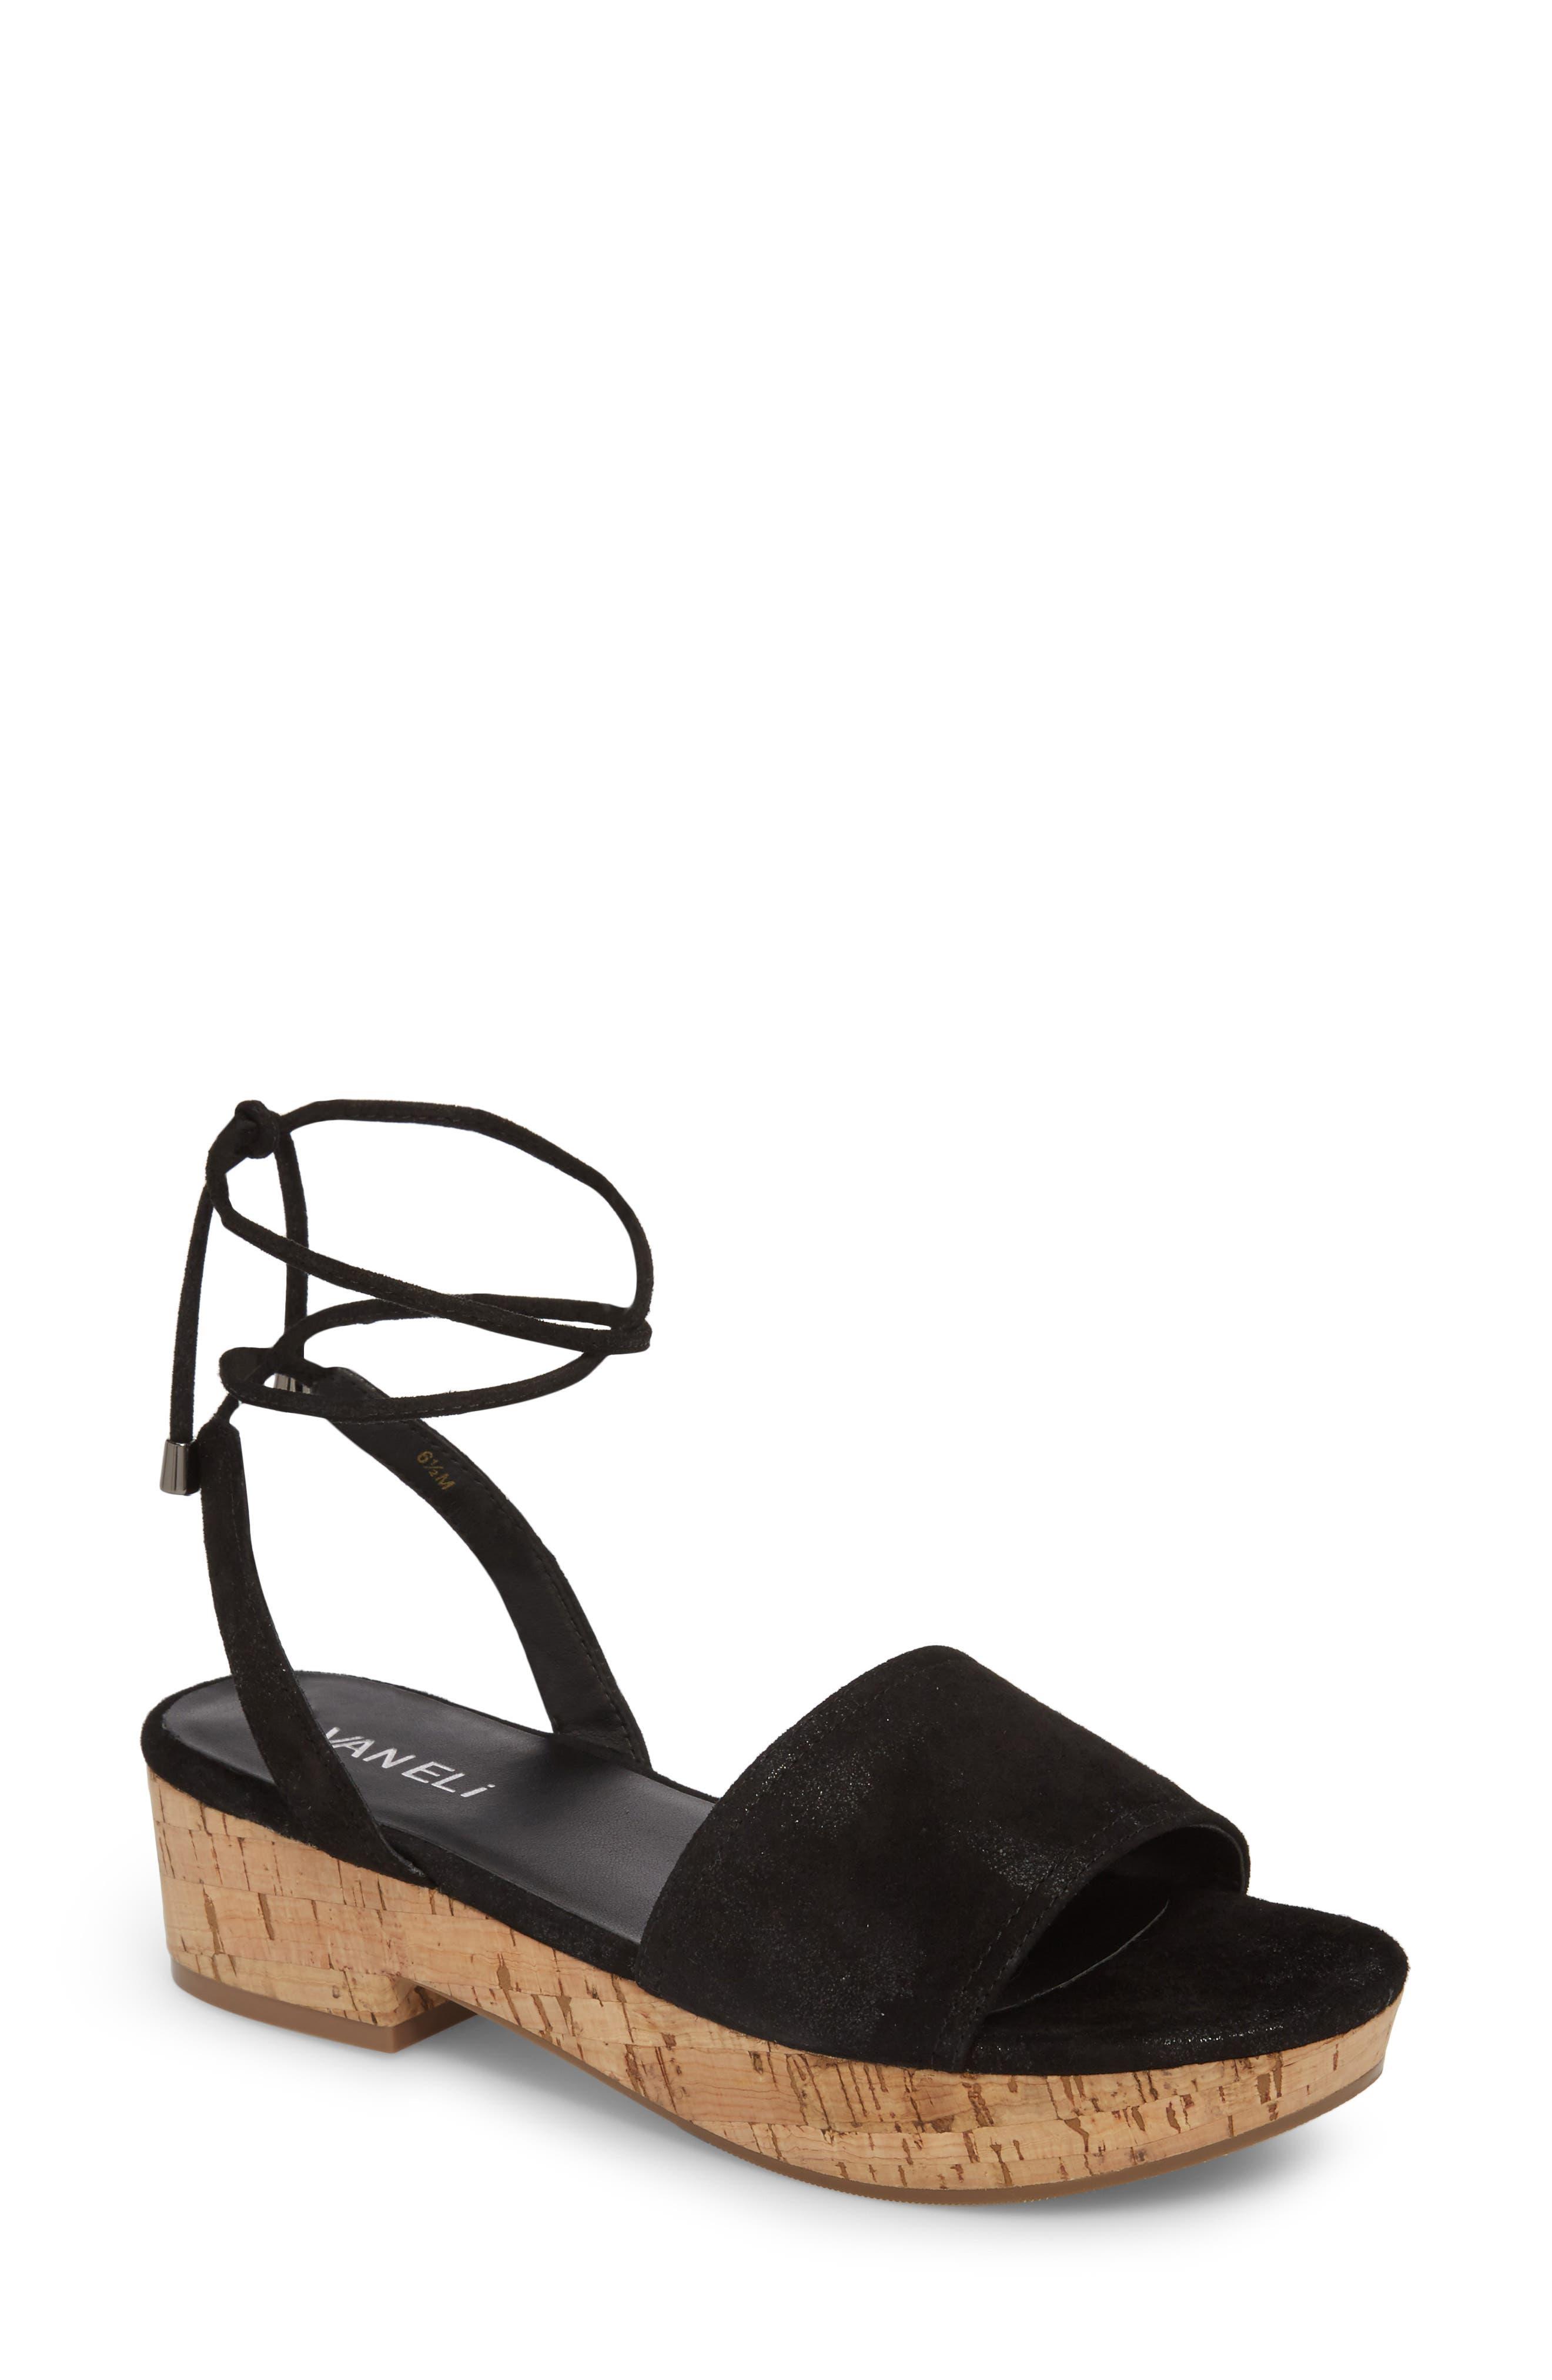 Saba Platform Sandal,                         Main,                         color, 001